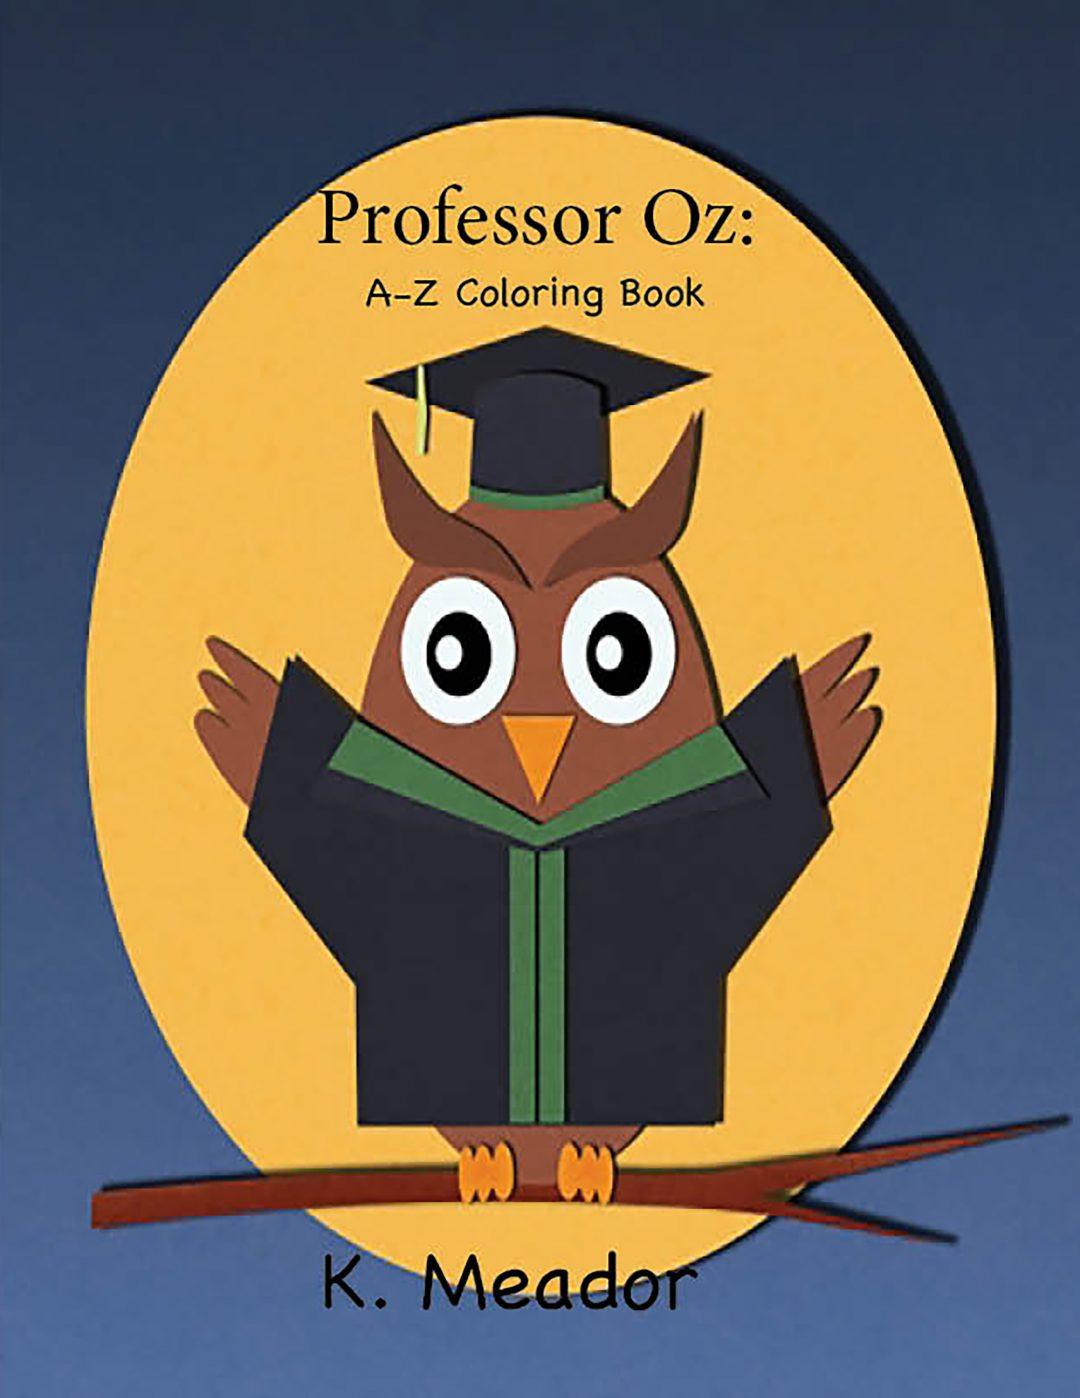 Professor Oz: A-Z Coloring Book